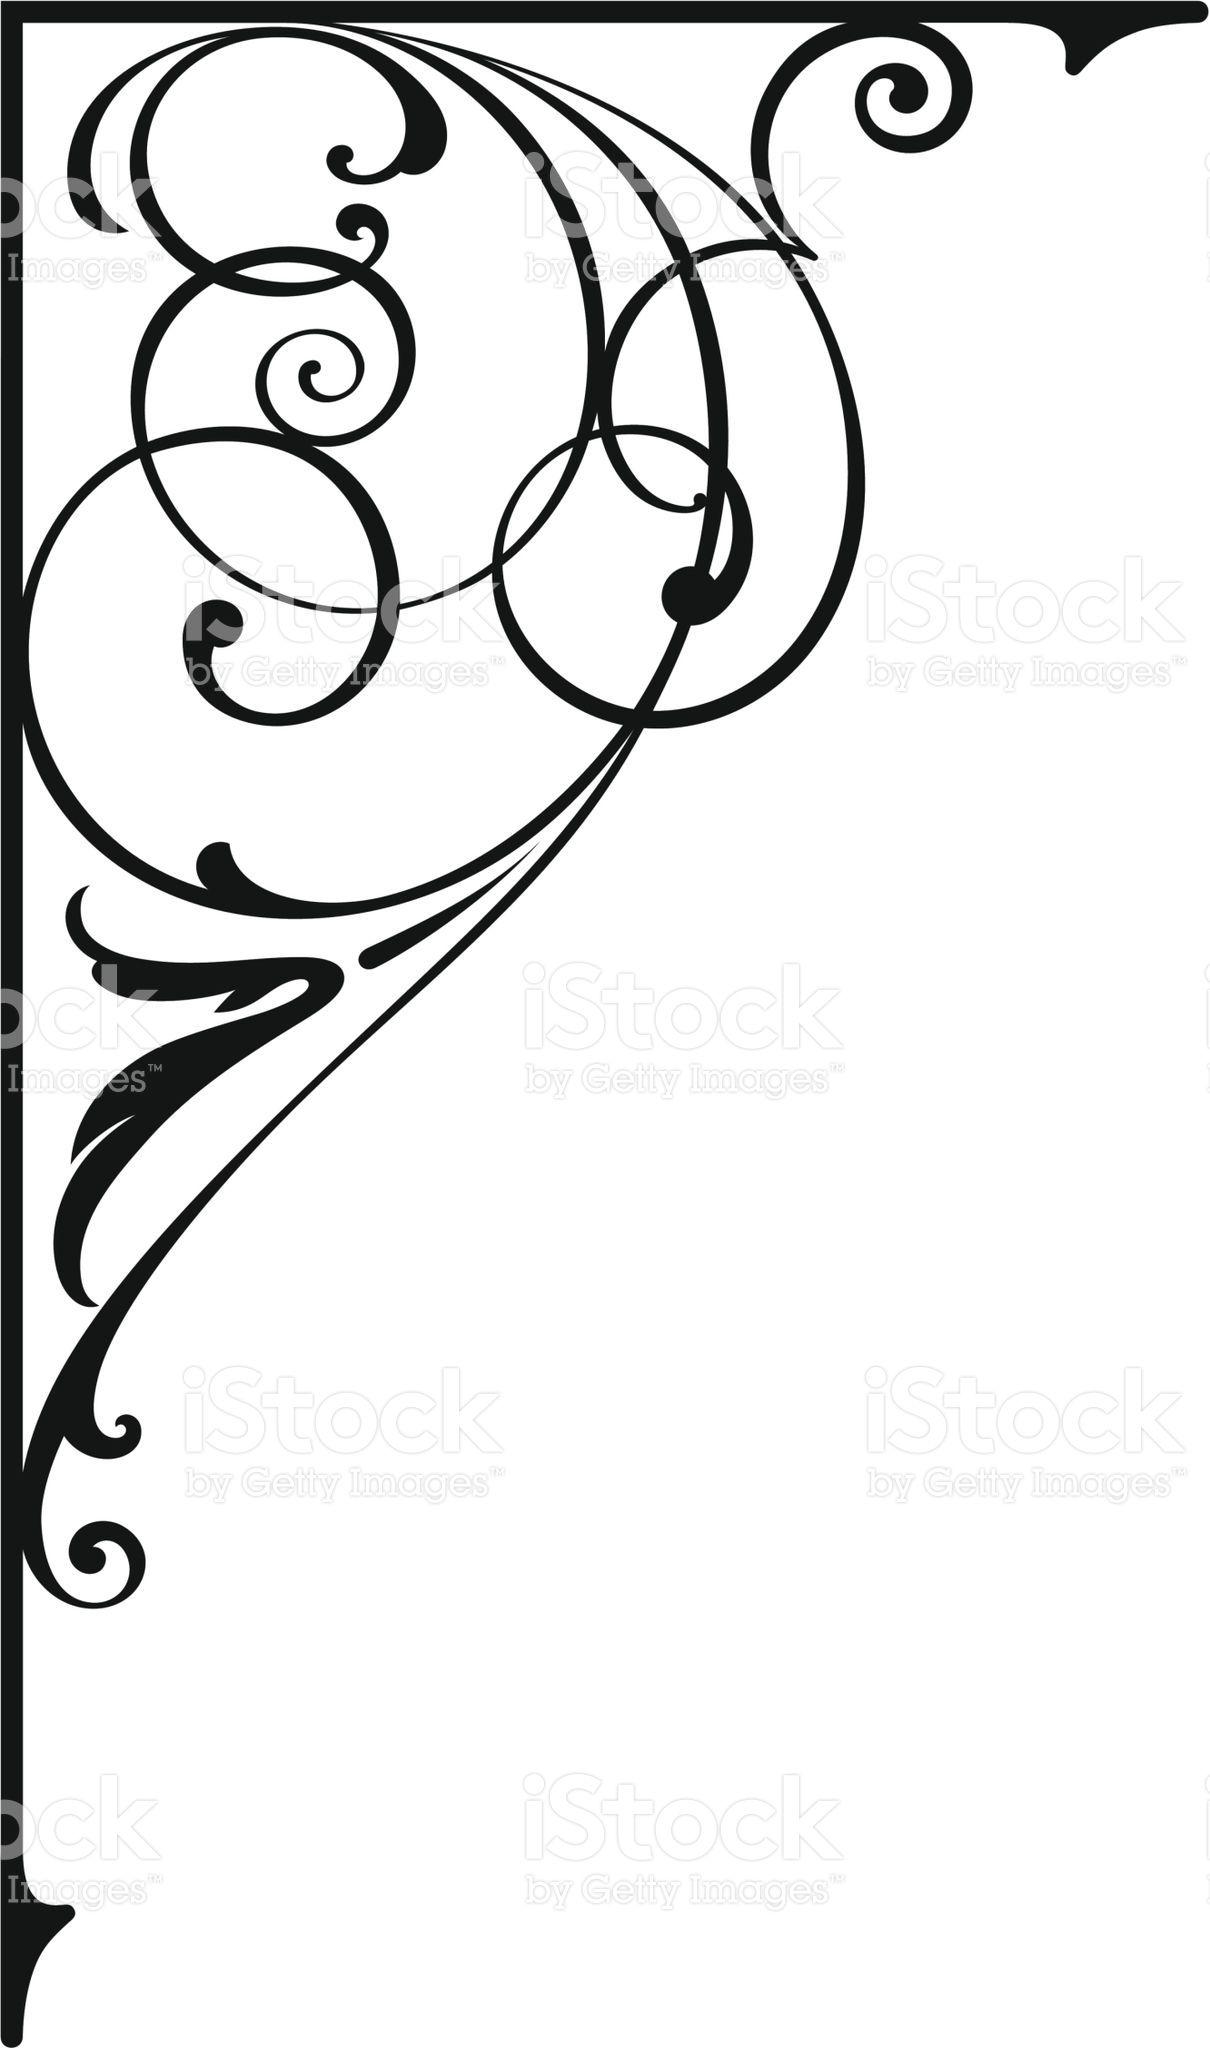 Design de Canto download vetor e ilustração royalty-free